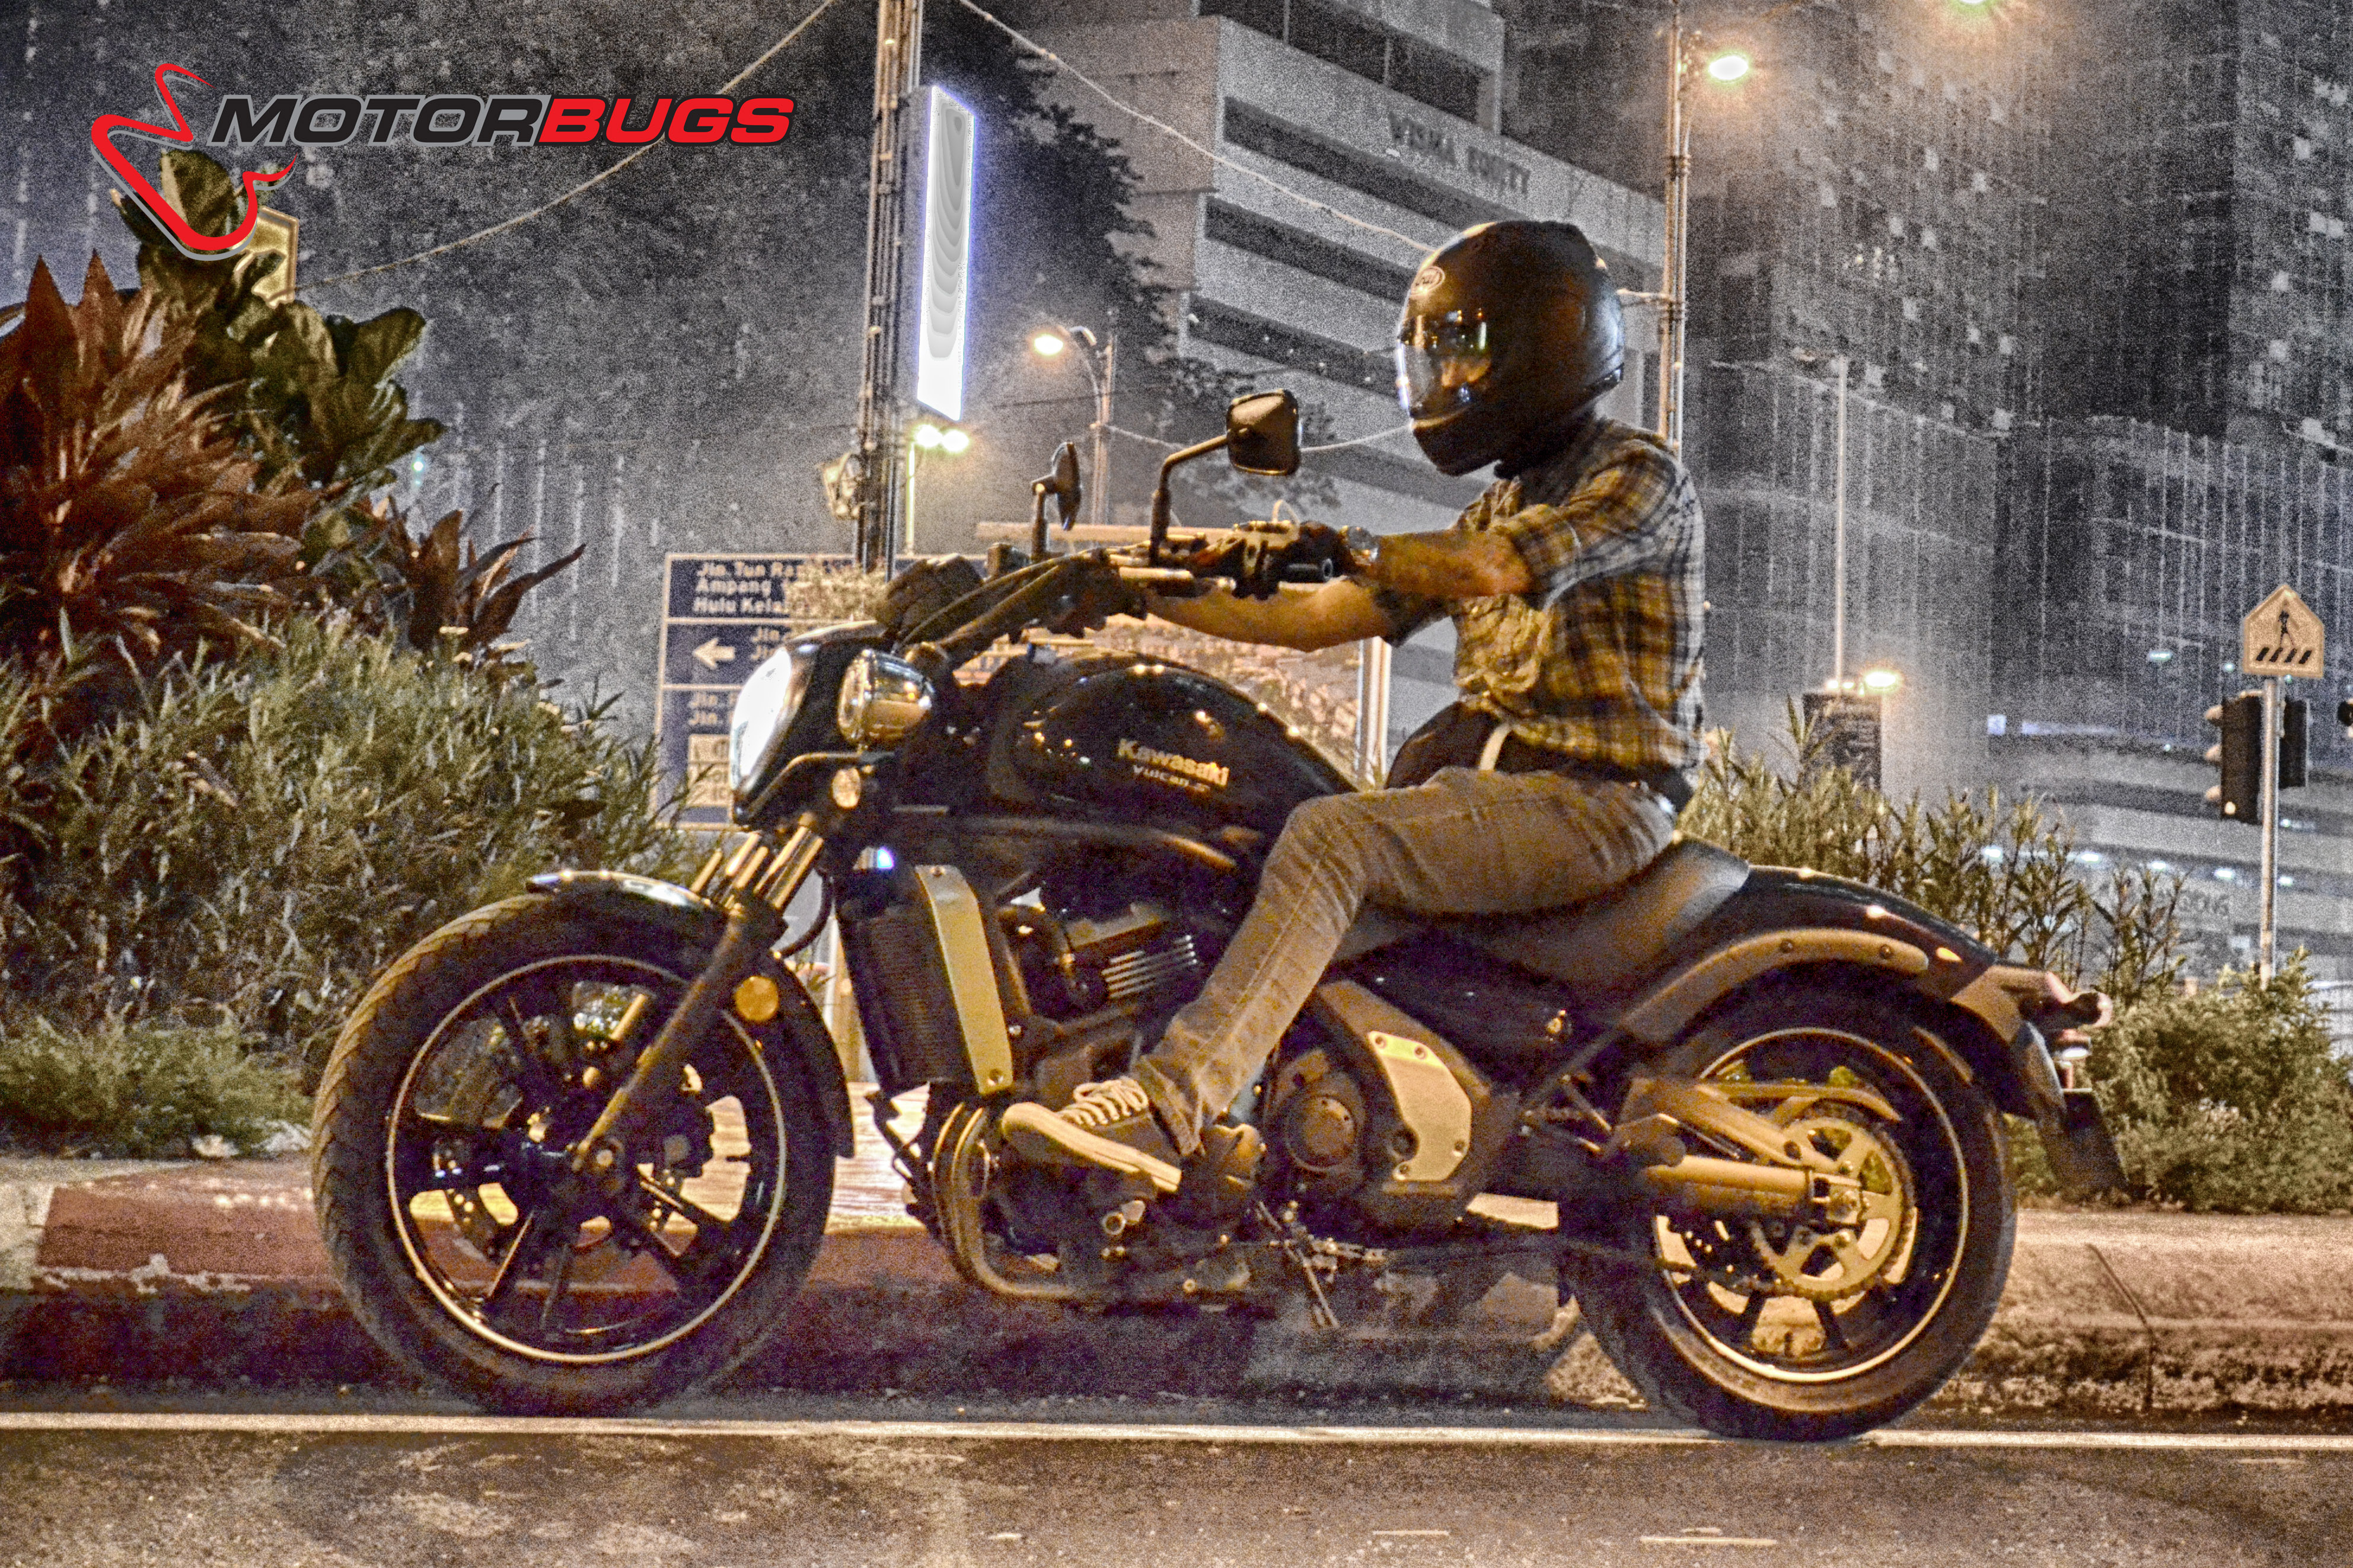 Kawasaki Vulcan S Road Test | Bike Reviews